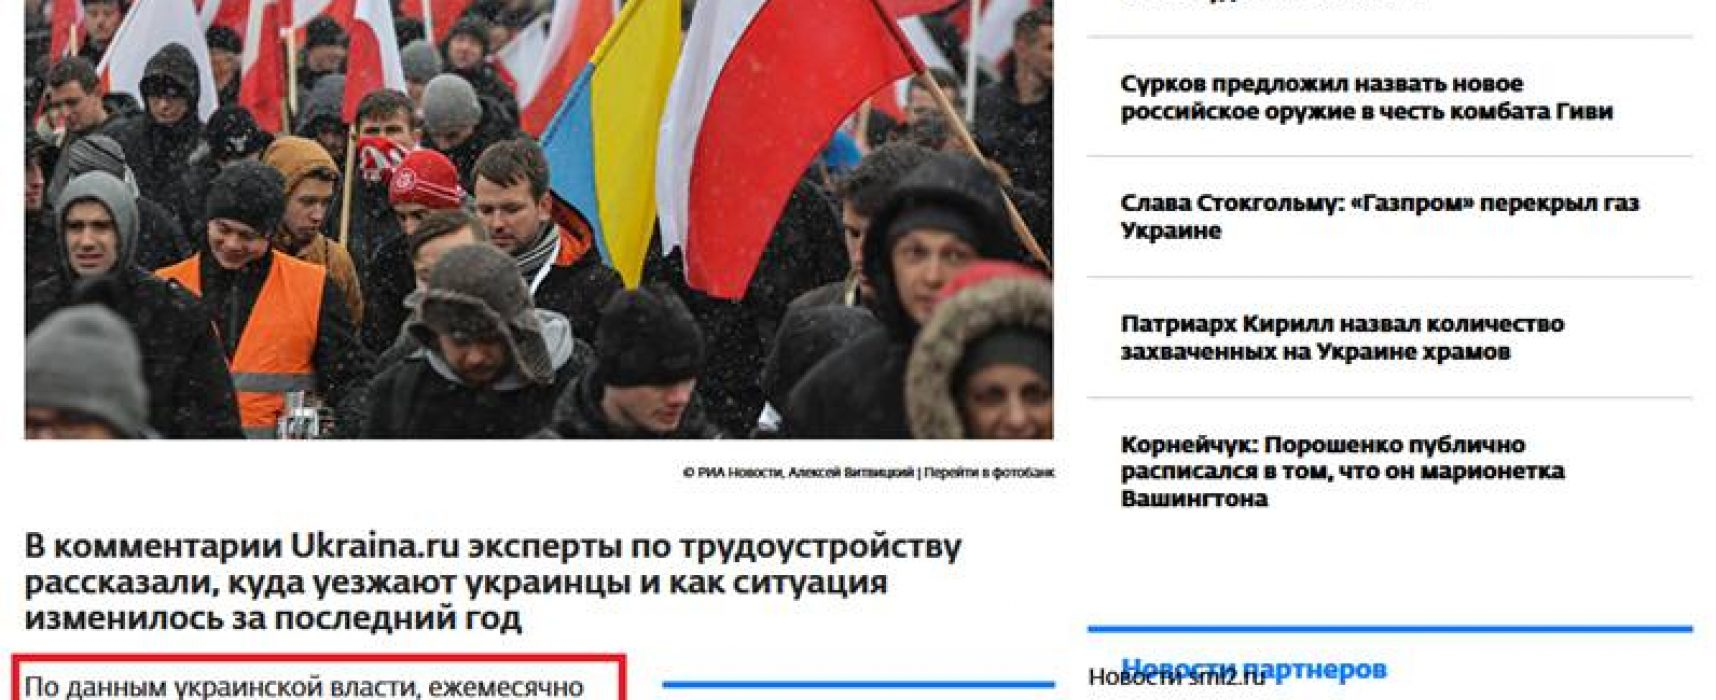 Маніпуляція: Українці легалізують заробітки в Польщі за власним бажанням